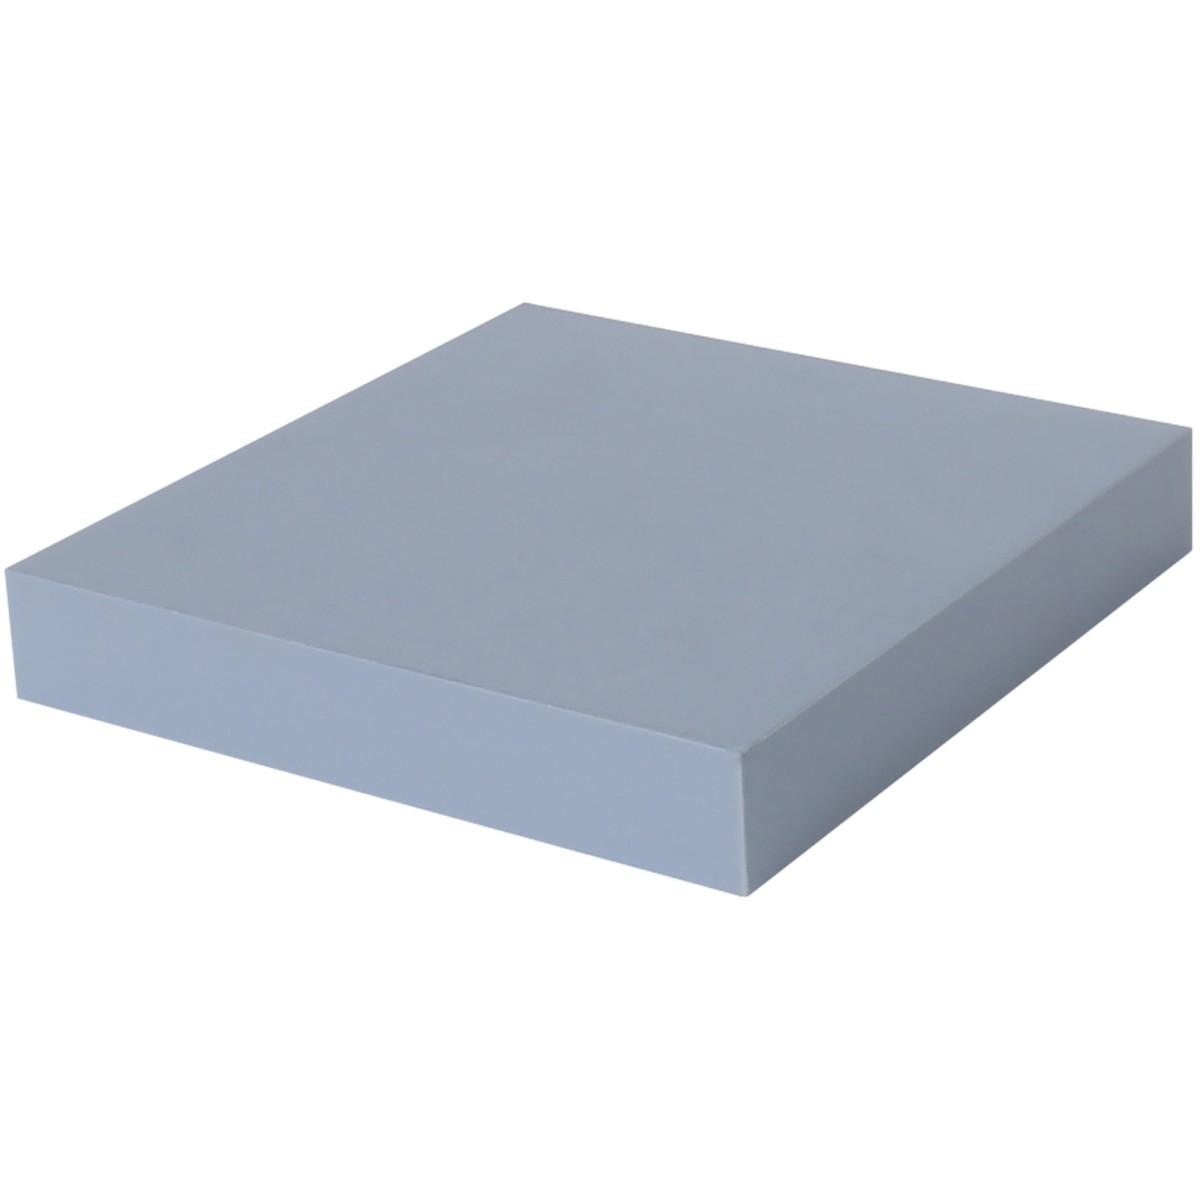 Полка мебельная прямая 230x230x38 мм МДФ цвет голубой